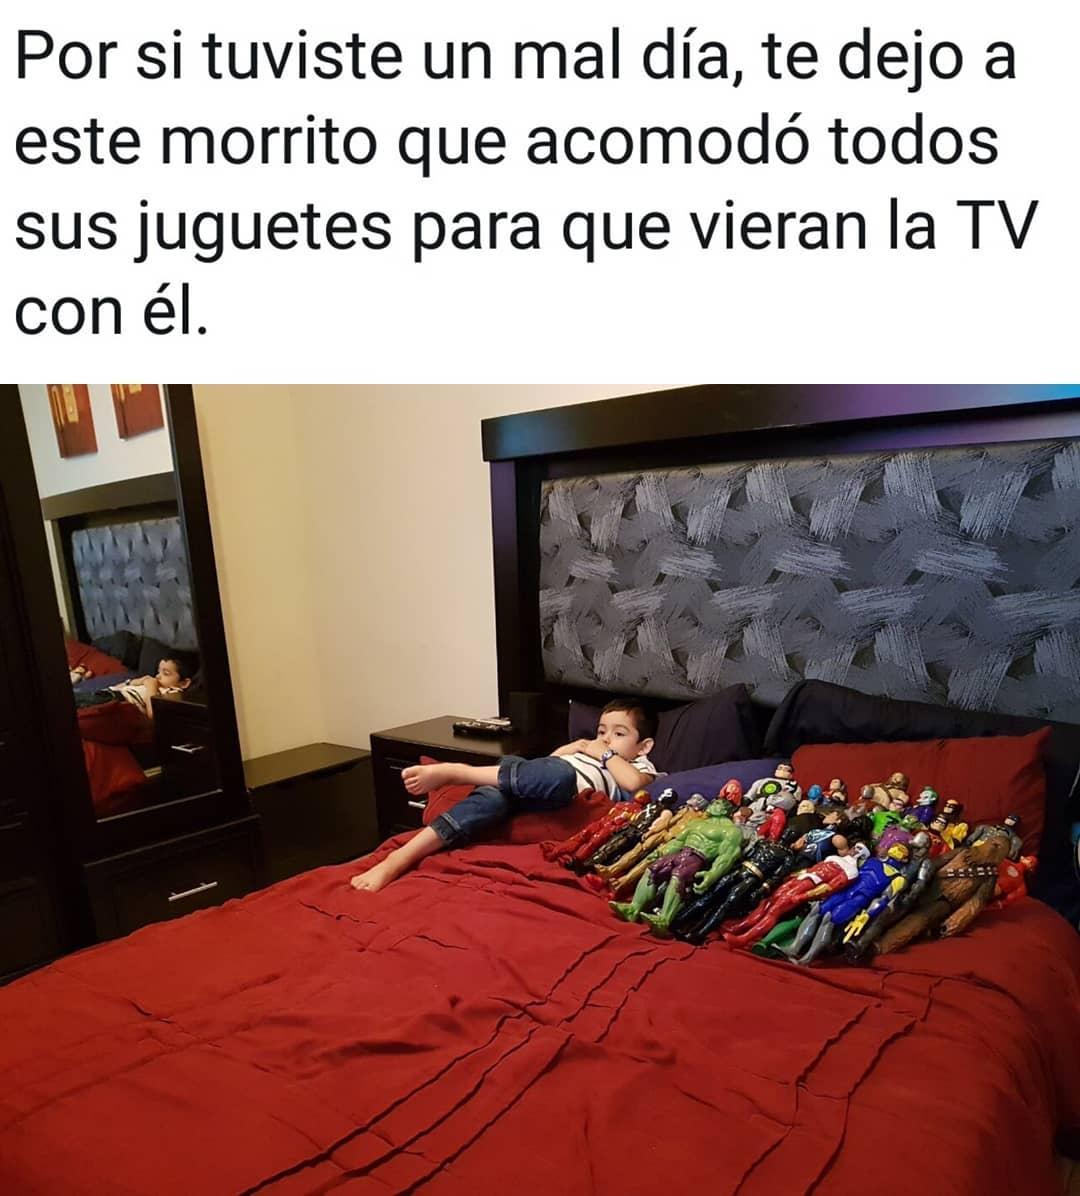 Por si tuviste un mal día, te dejo a este morrito que acomodó todos sus juguetes para que vieran la TV con él.